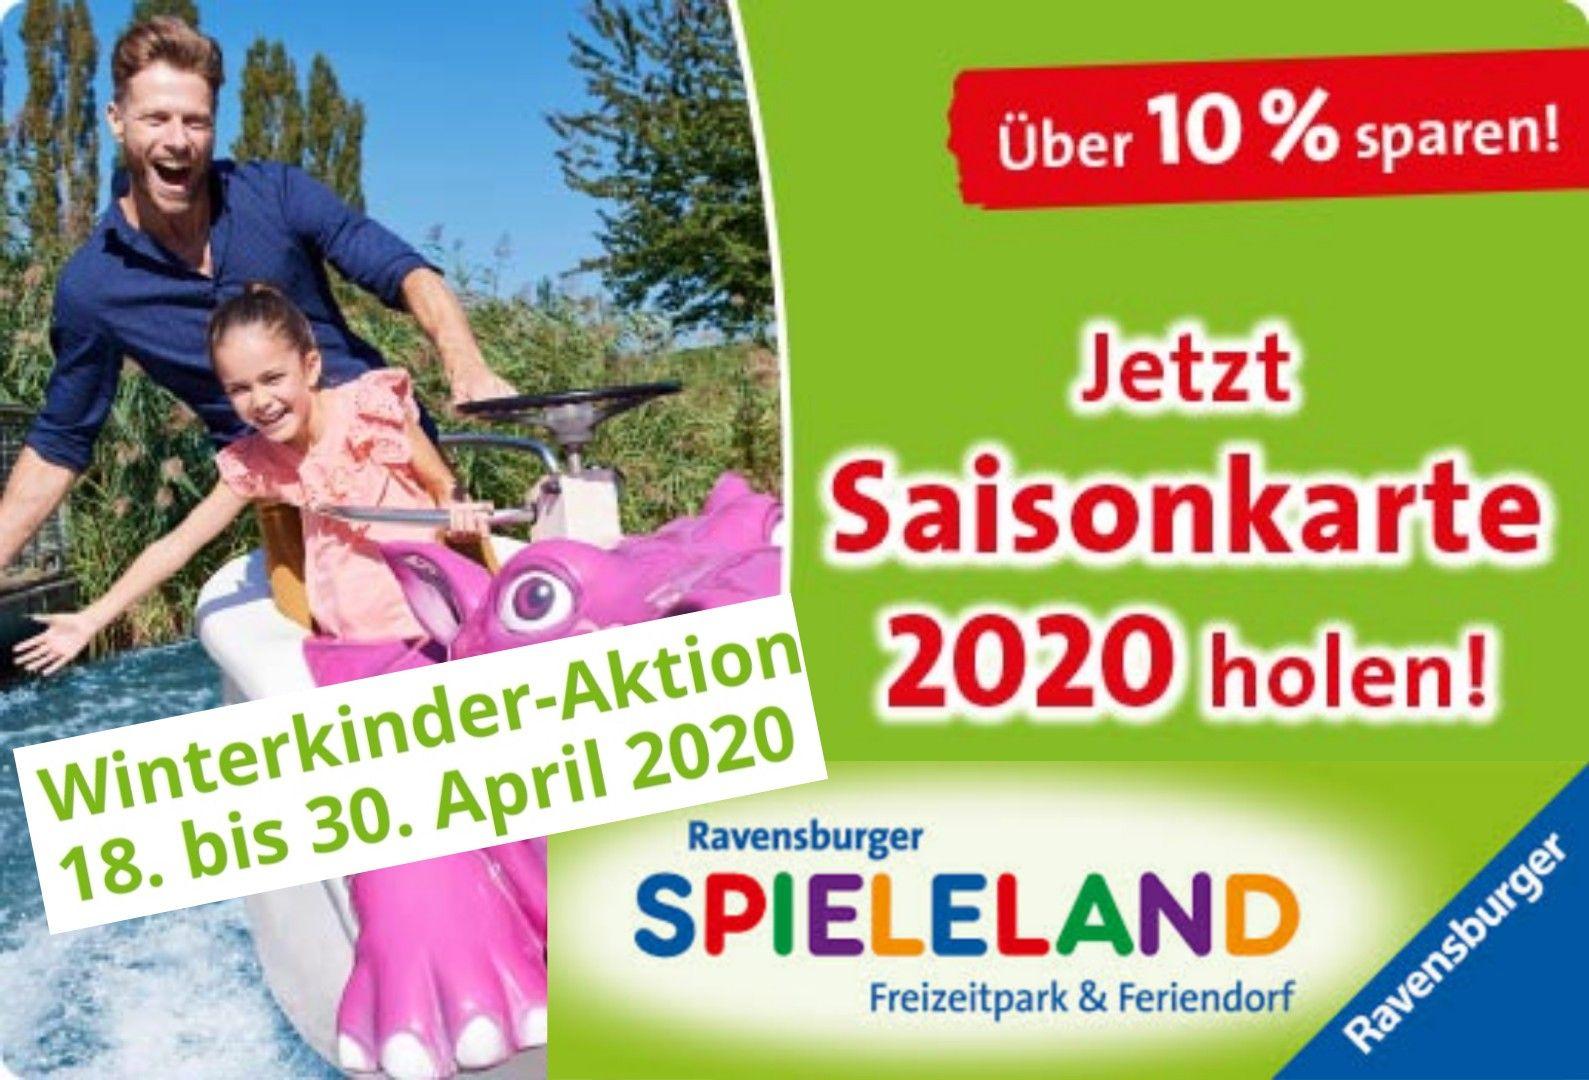 [Ravensburger Spieleland] Winter-Kinder Eintritt gratis (-34,50€), Saisonkarte: Vorverk. -10,50€ + Vorteile + 1x Freieintritt (-36,50€)